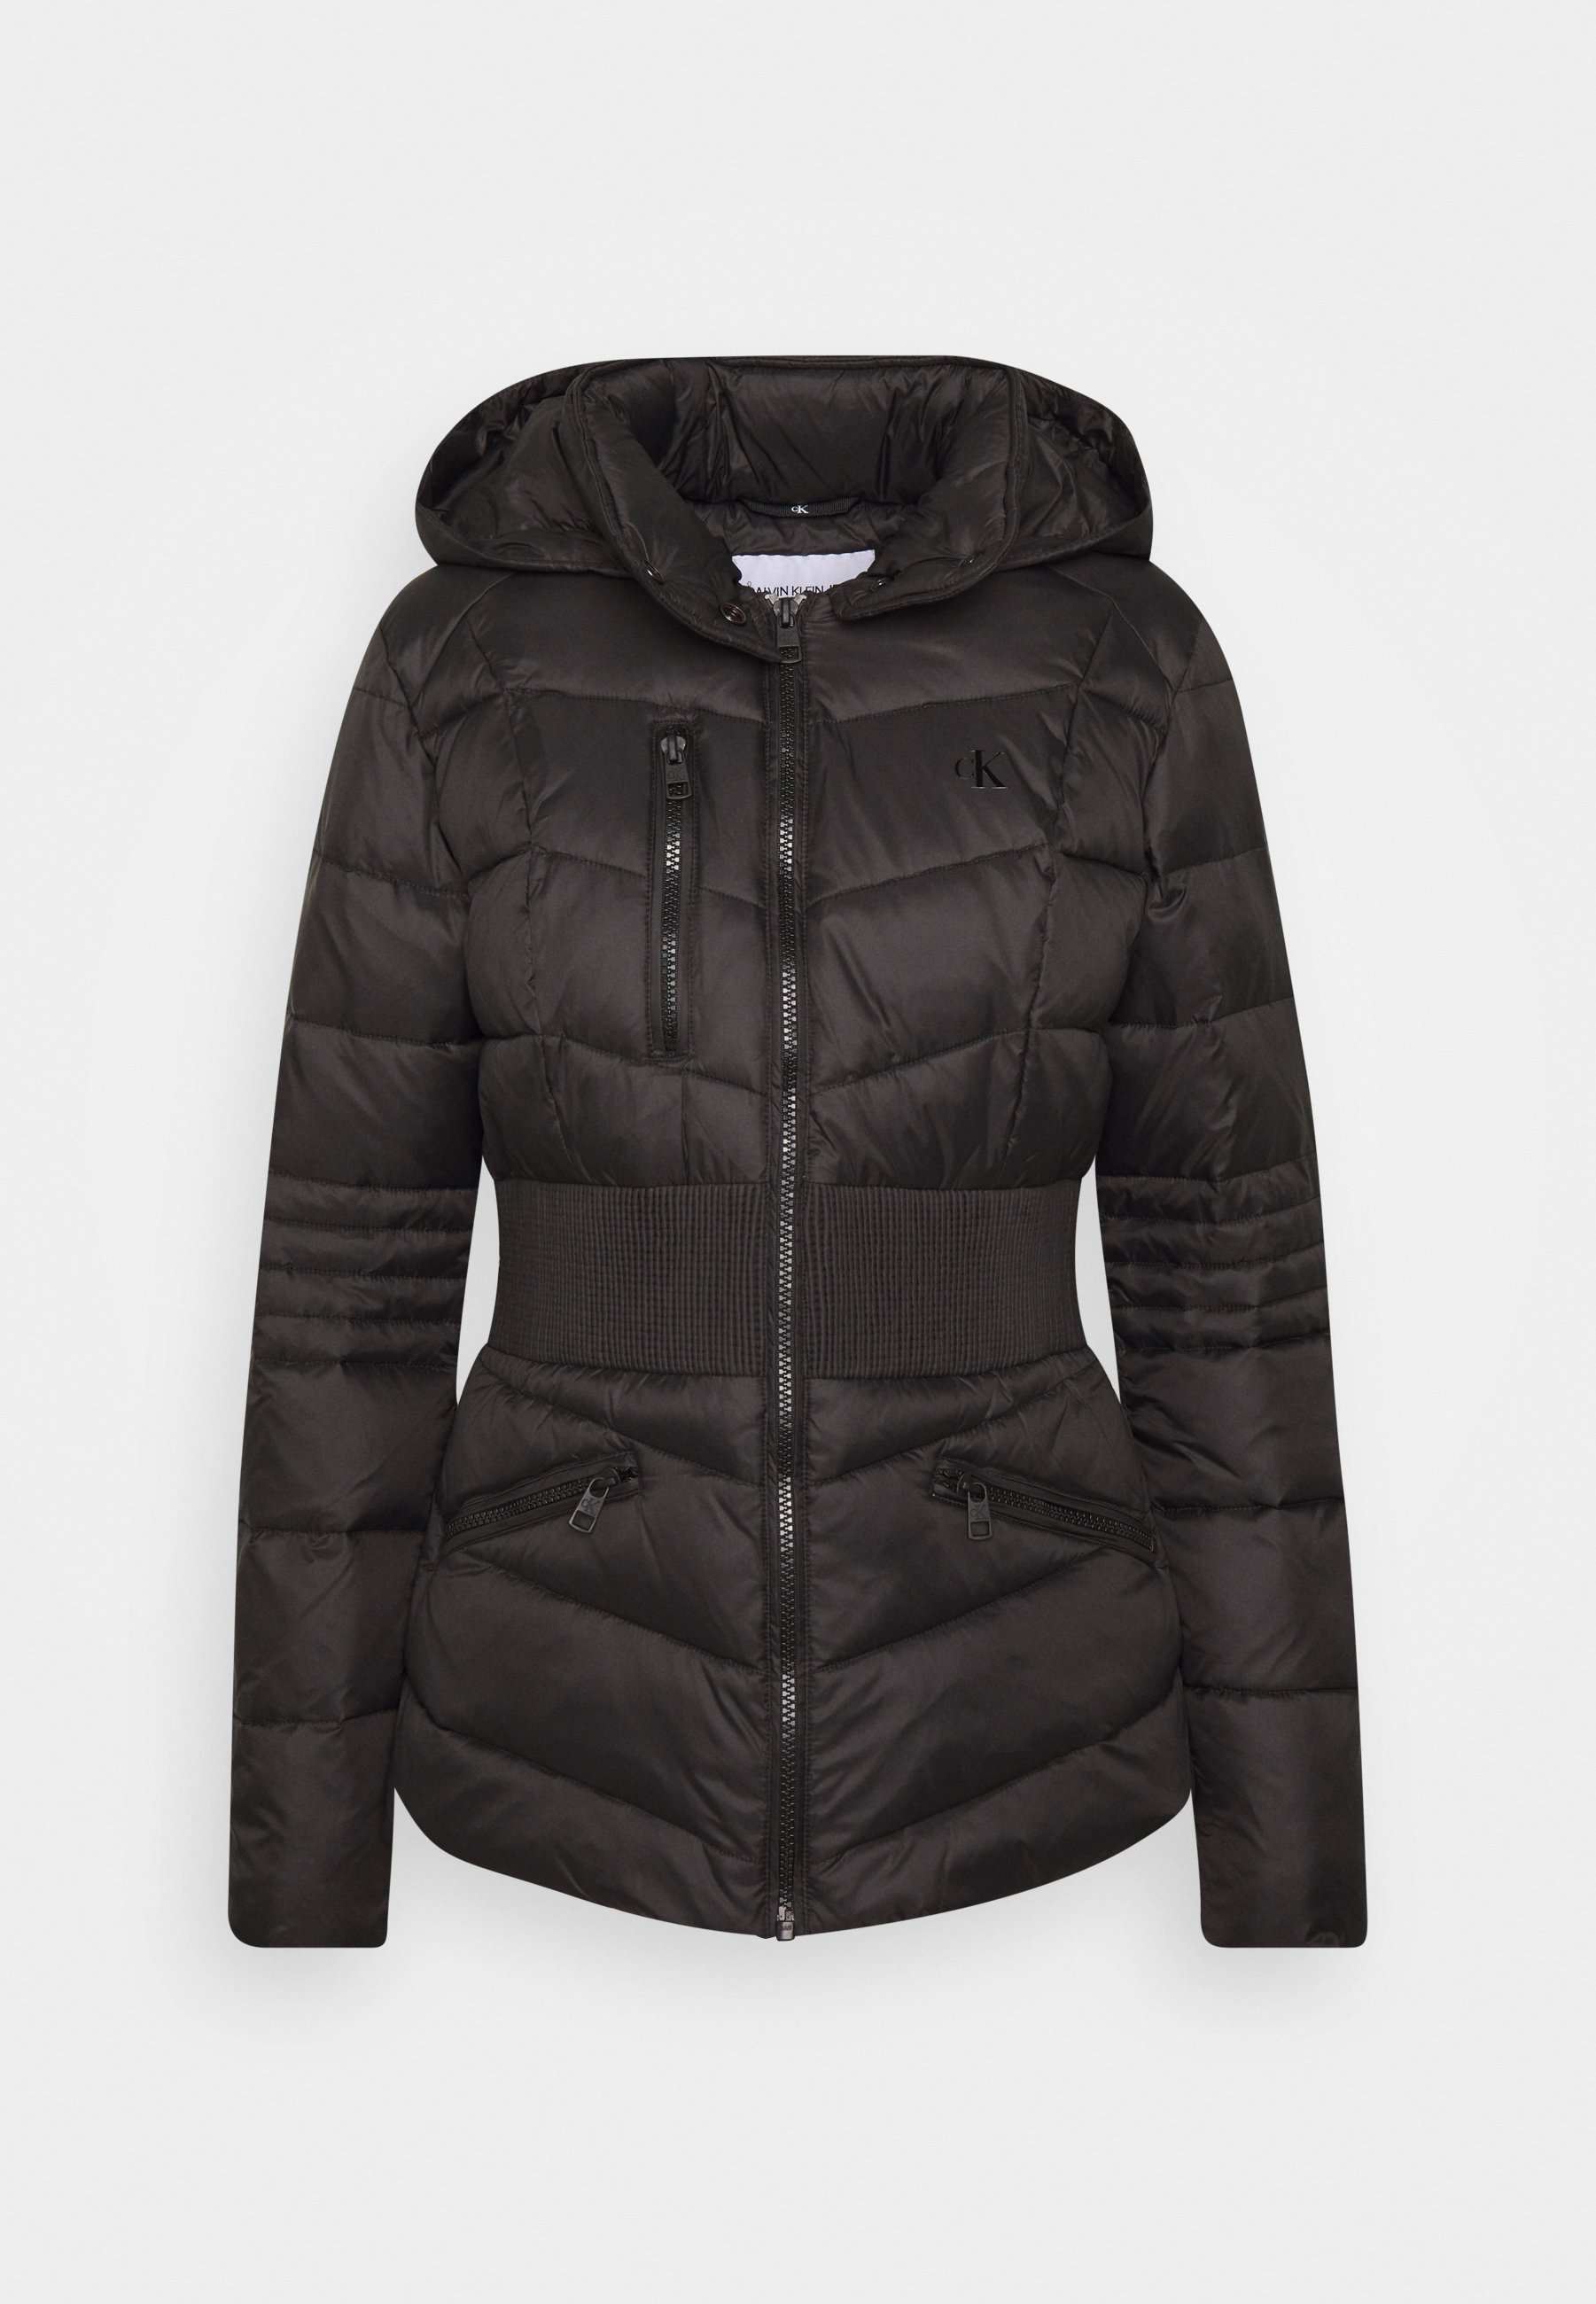 Svarta Monstrad jacka kvinna jackor, jämför priser och köp